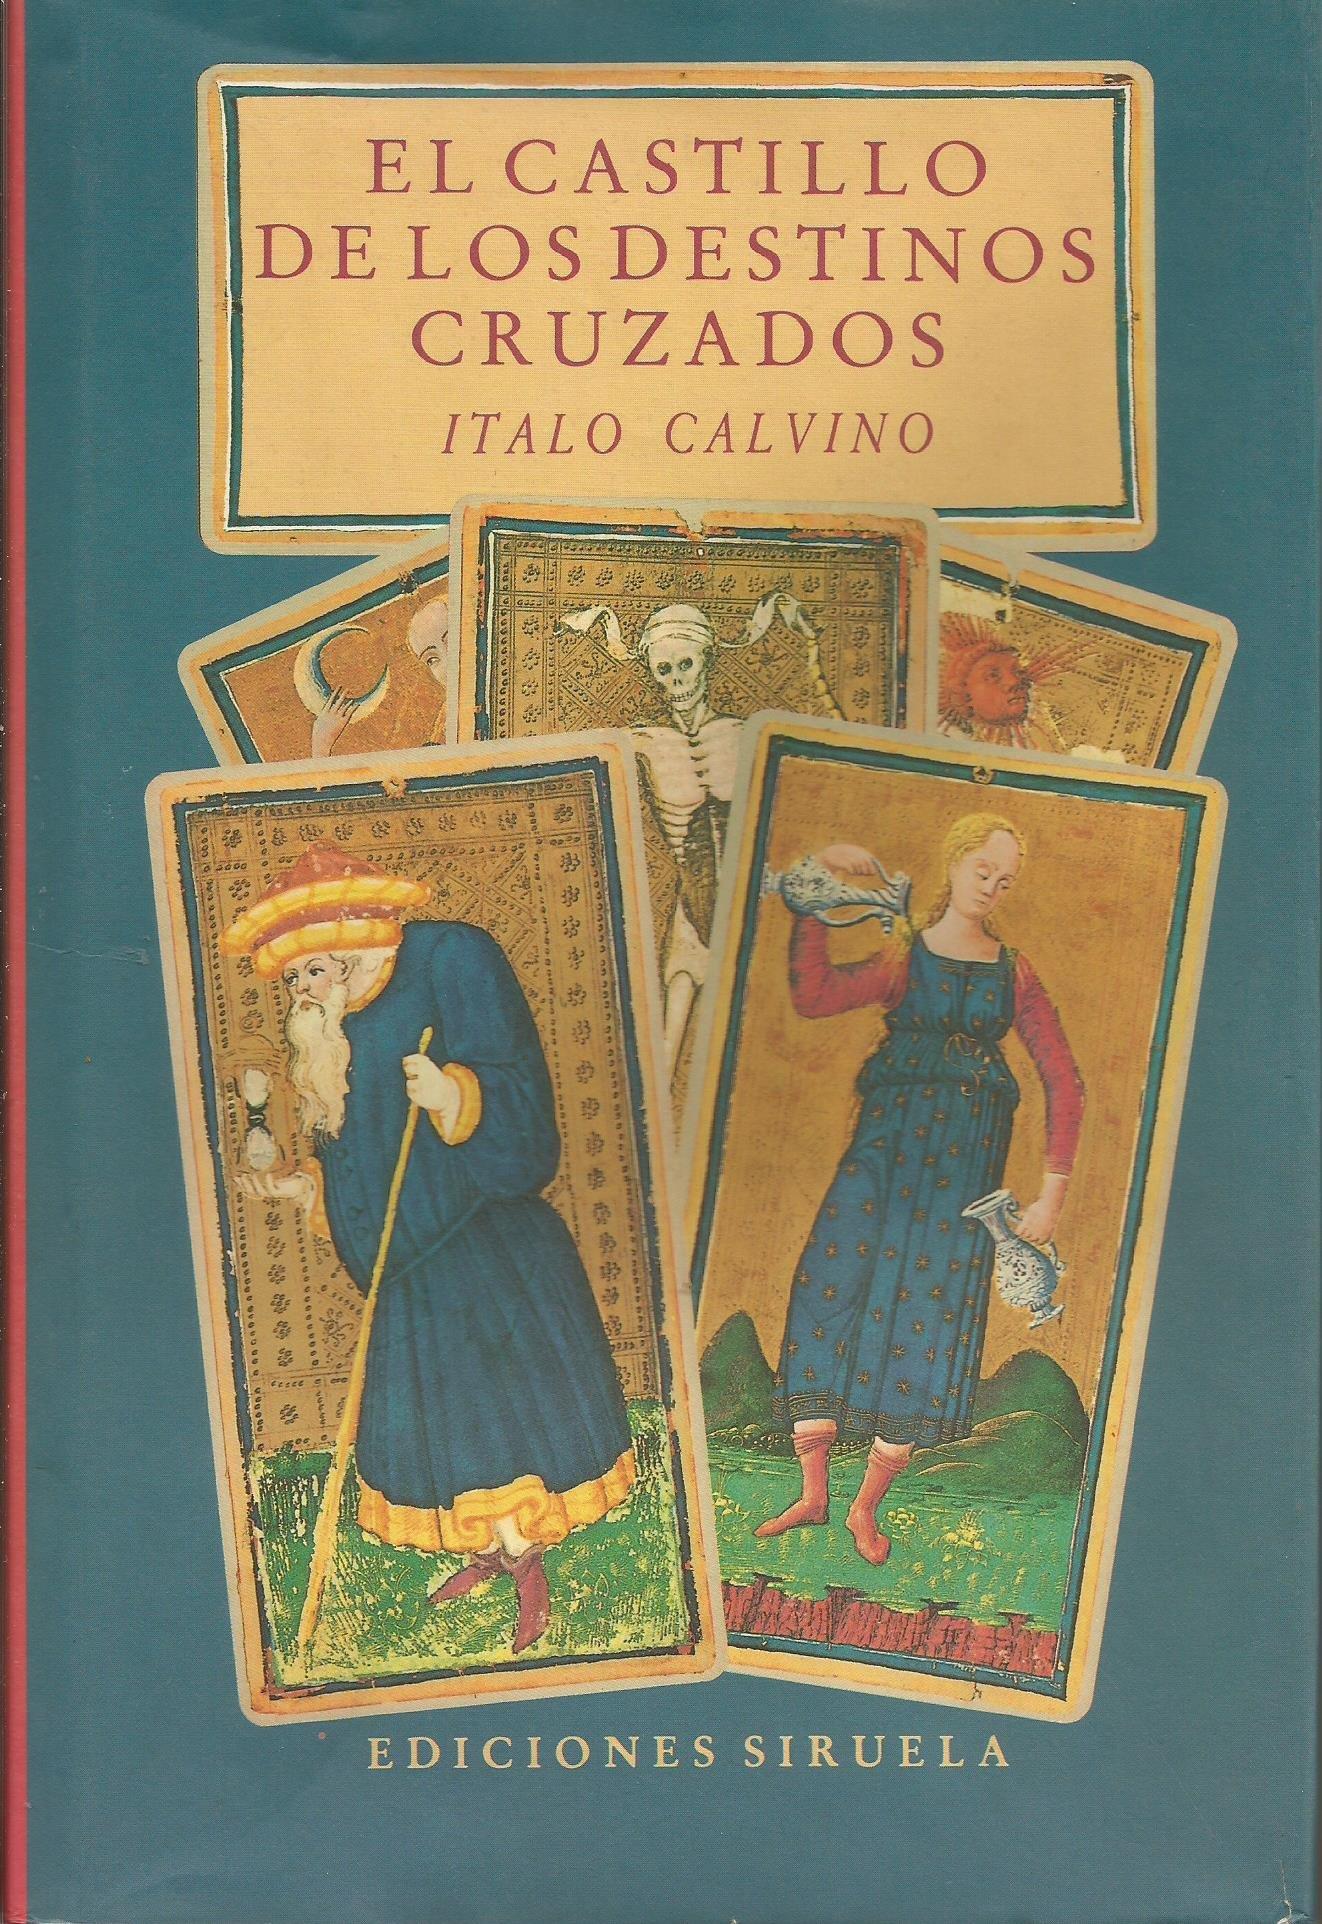 EL CASTILLO DE LOS DESTINOS CRUZADOS: Amazon.es: Calvino, Italo: Libros